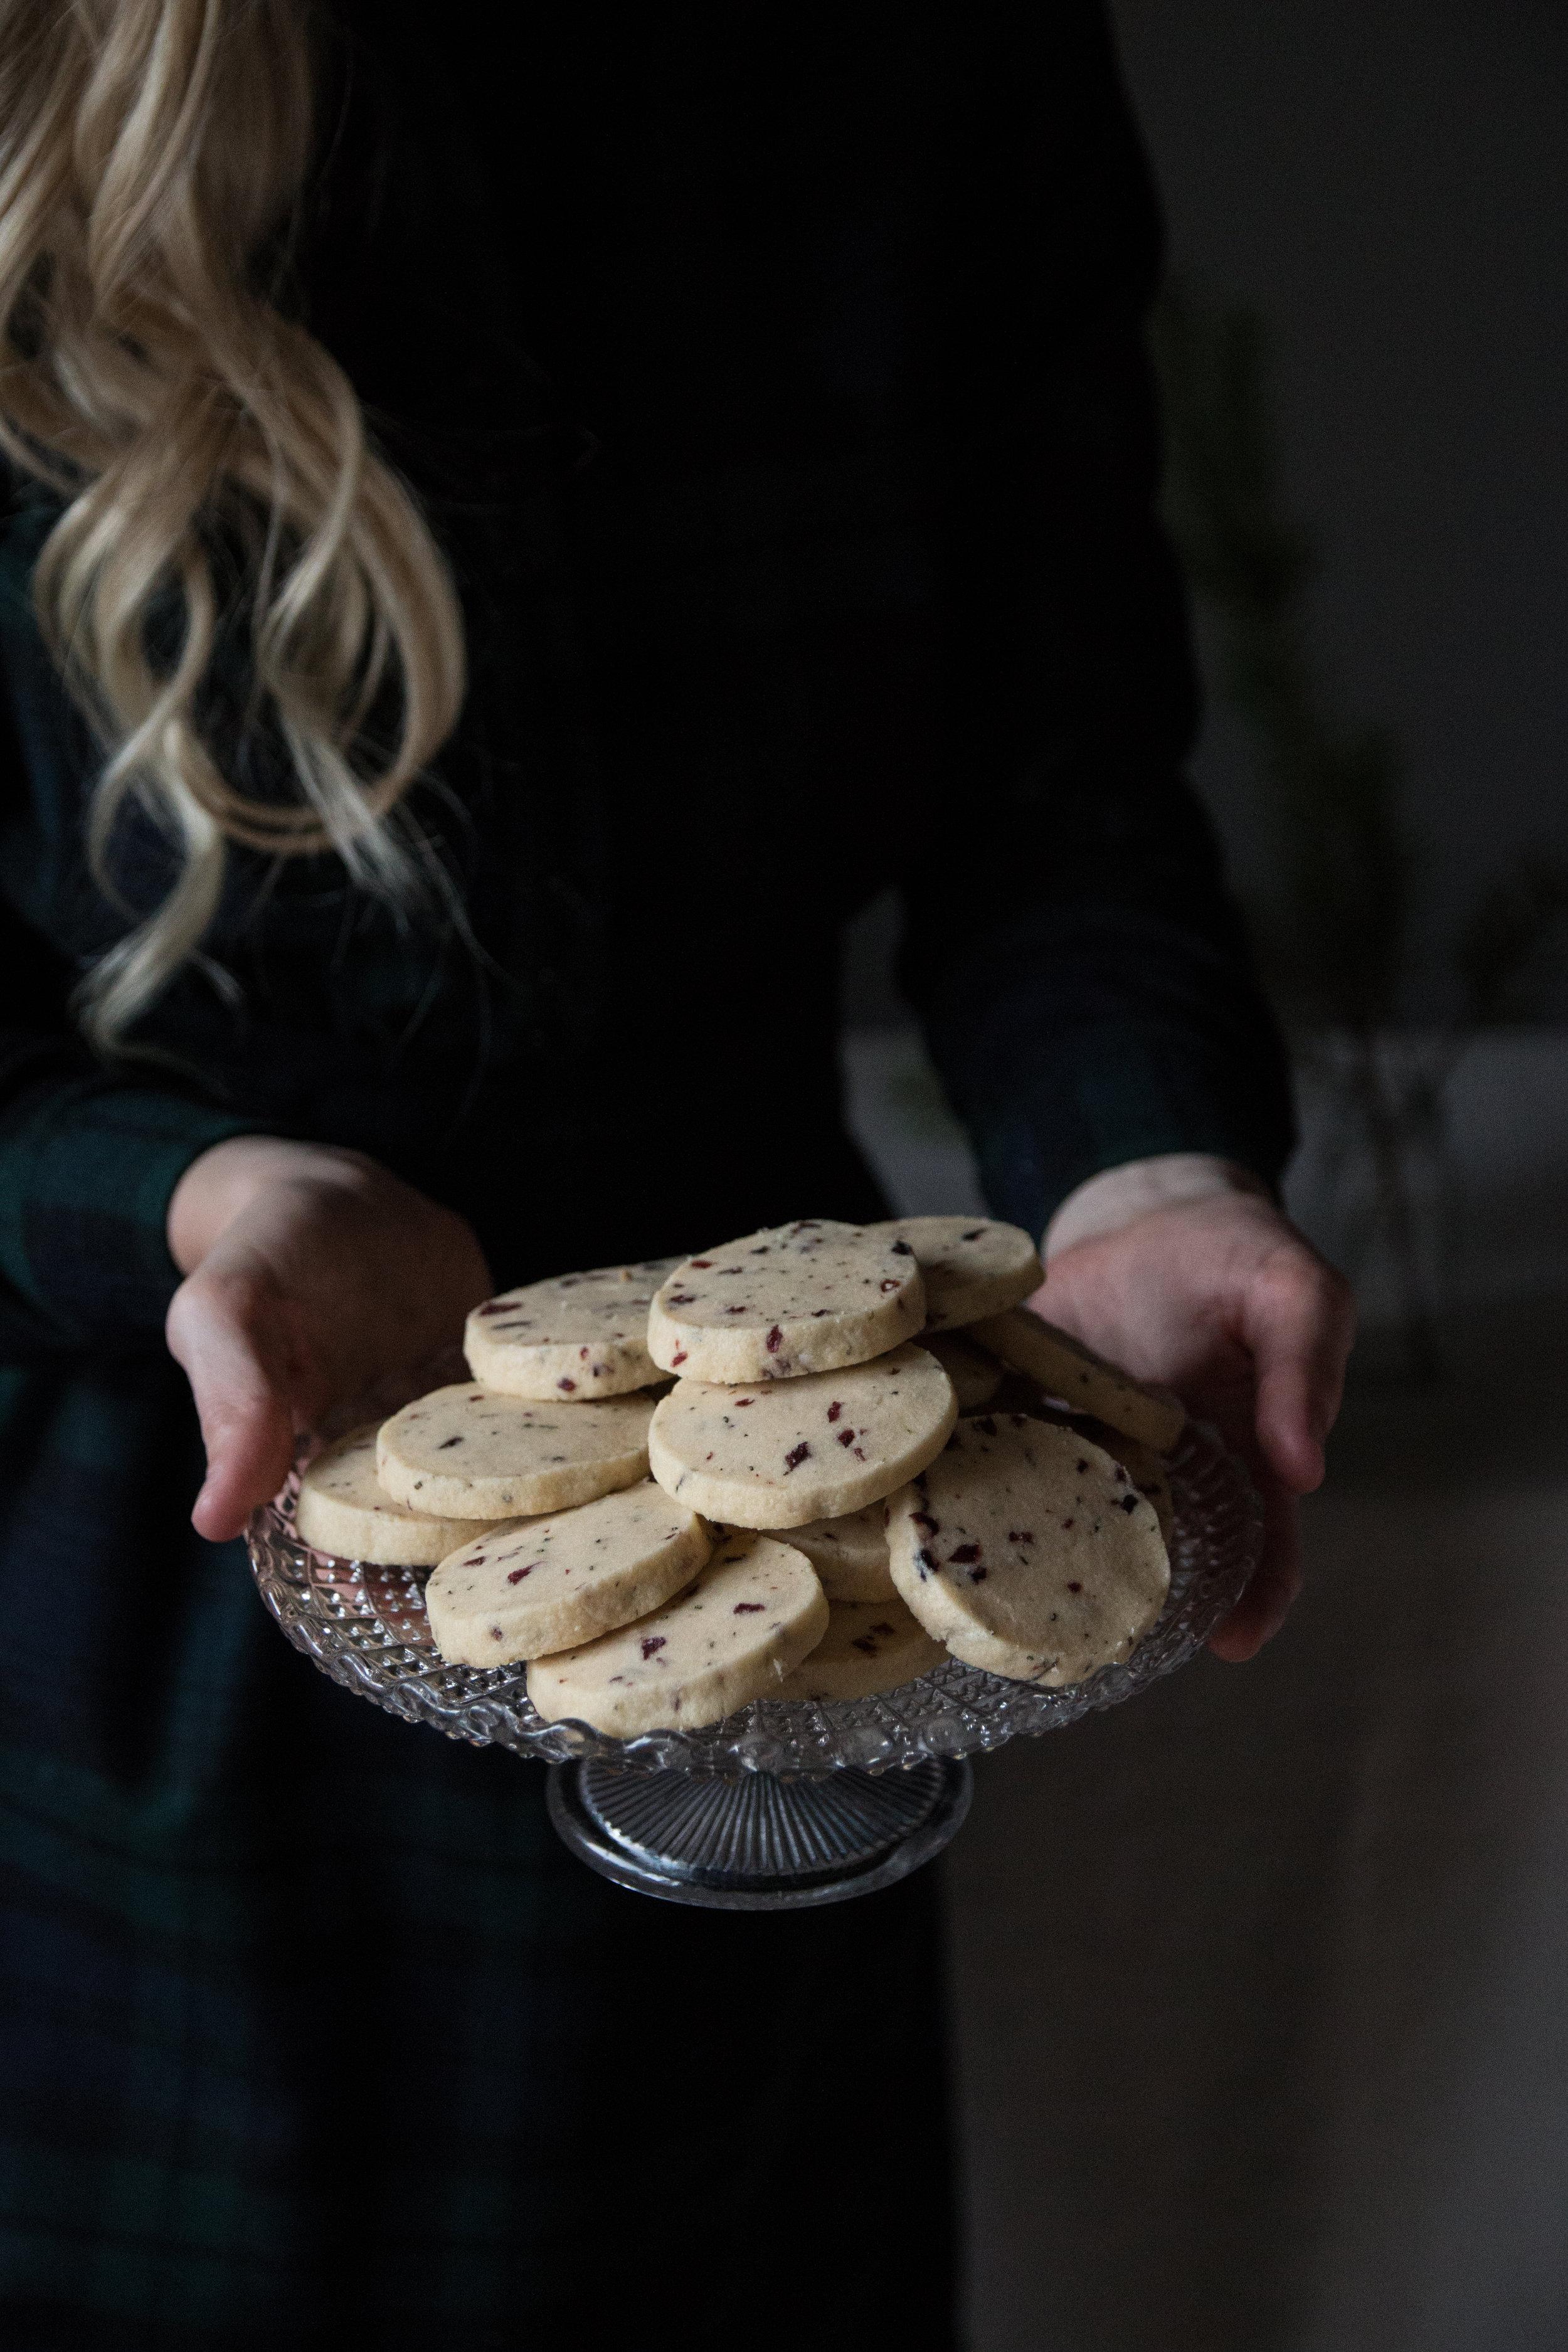 rosemarycranberrycookies-100.jpg